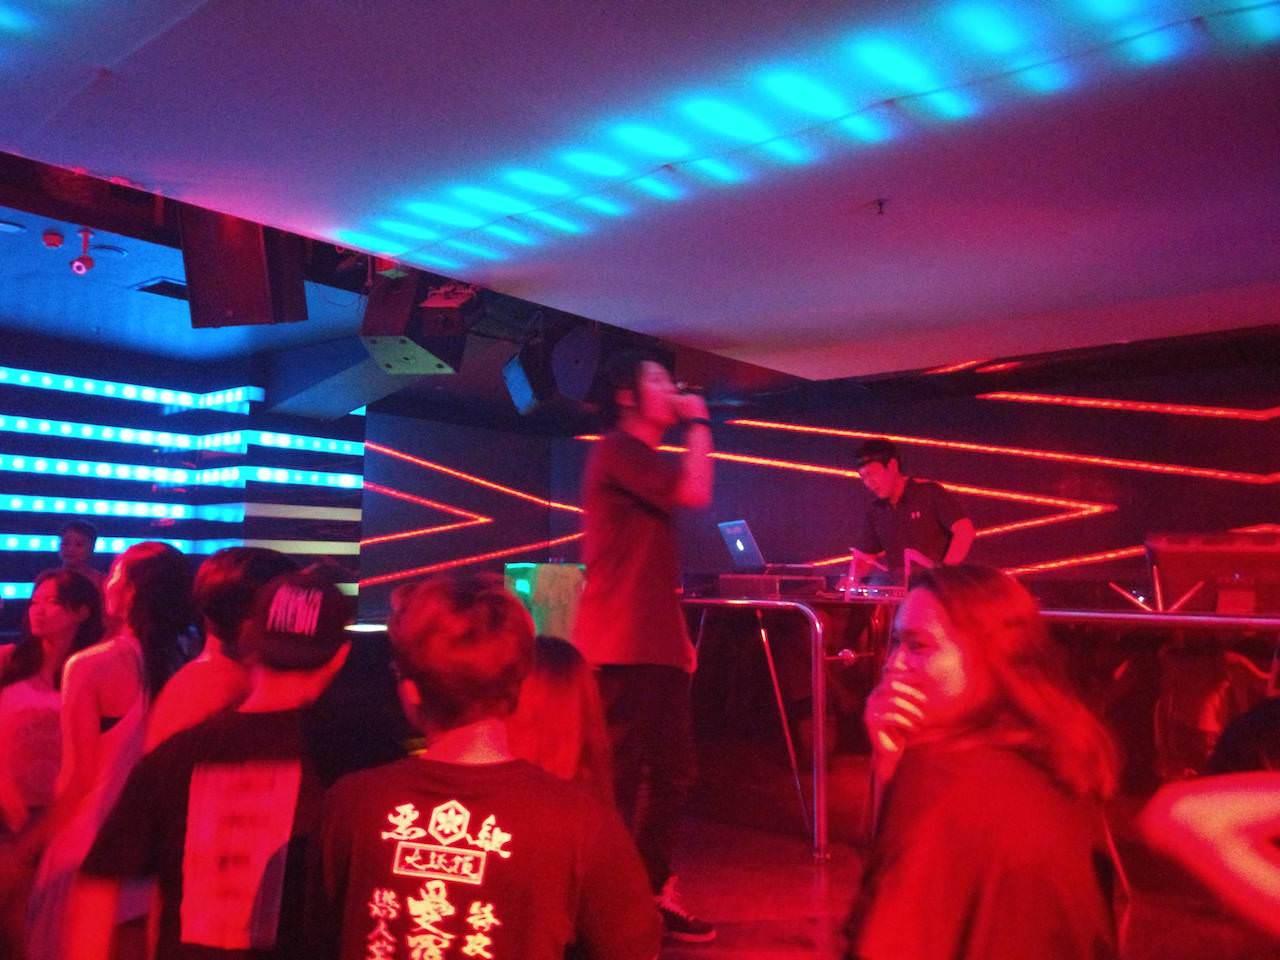 Tainan muse club 019